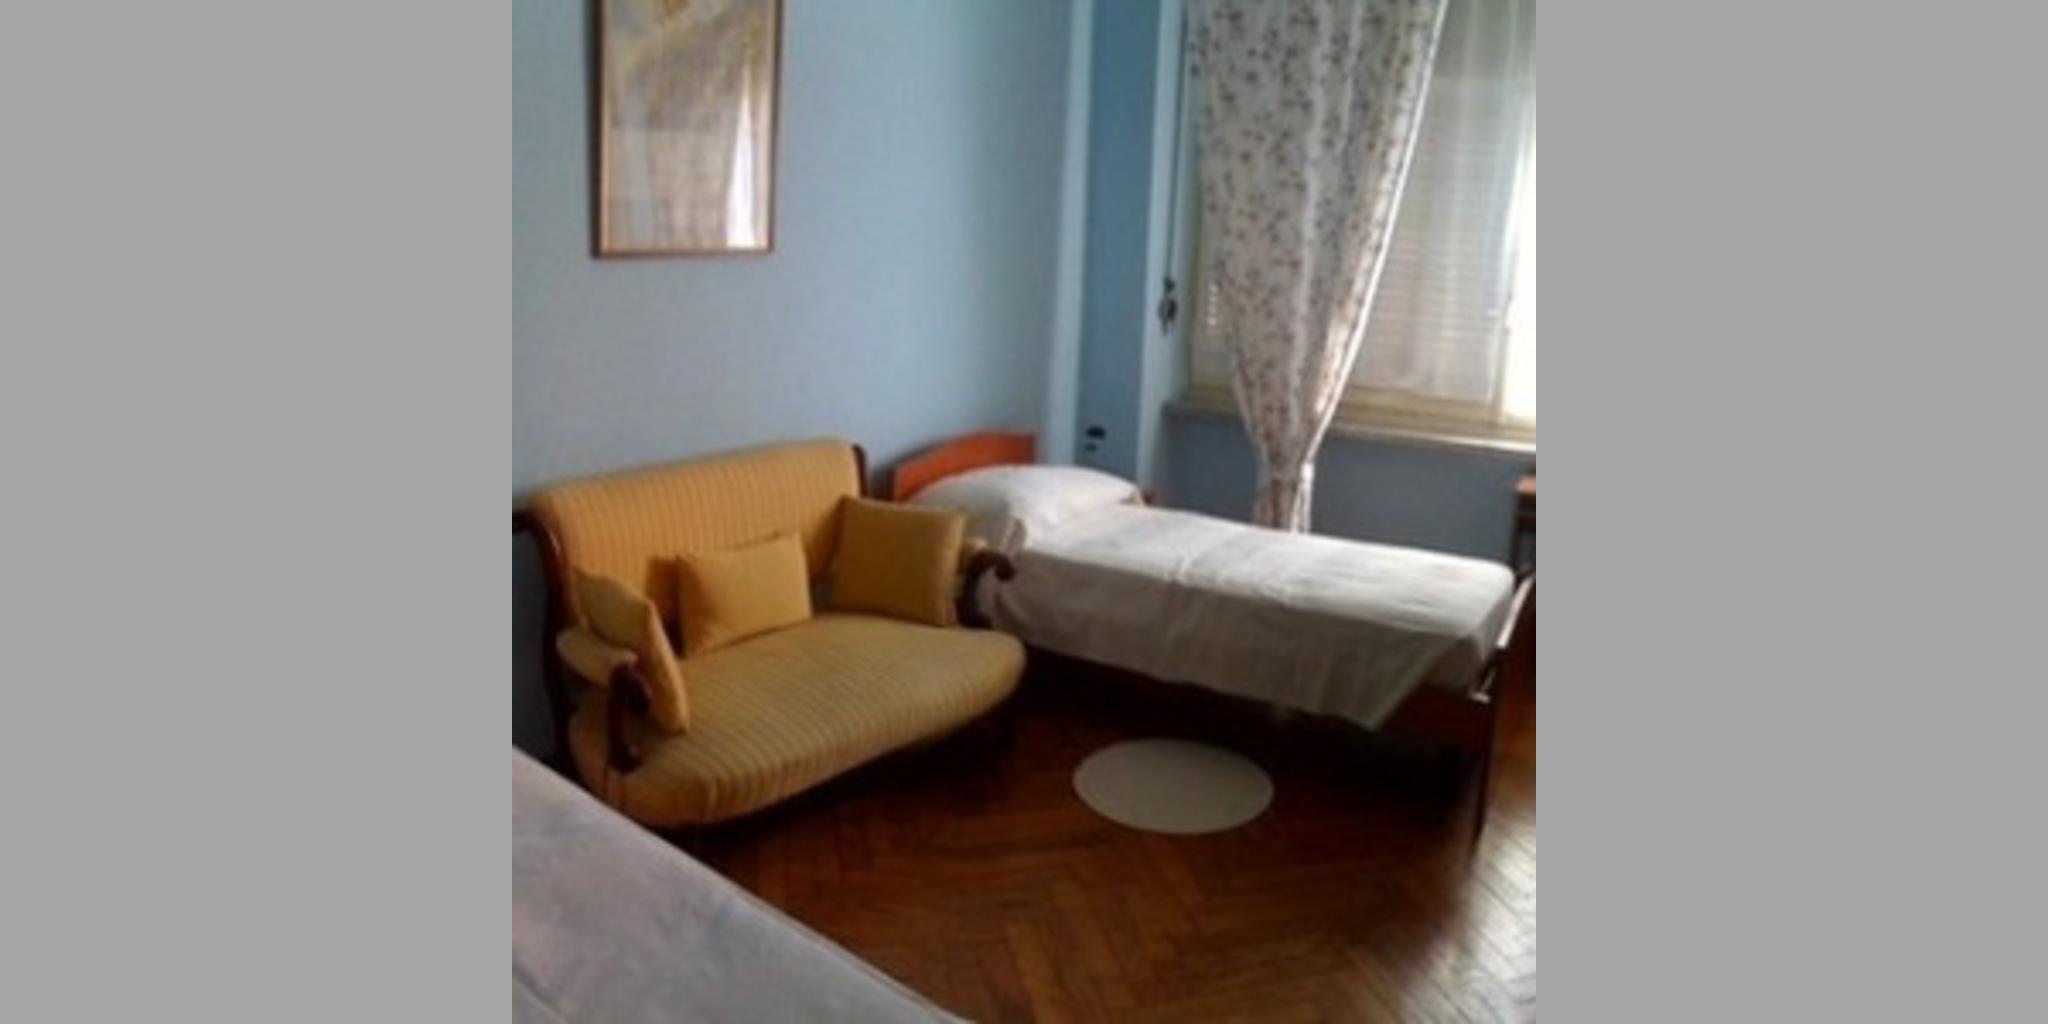 Bed & Breakfast Torino - Torino B